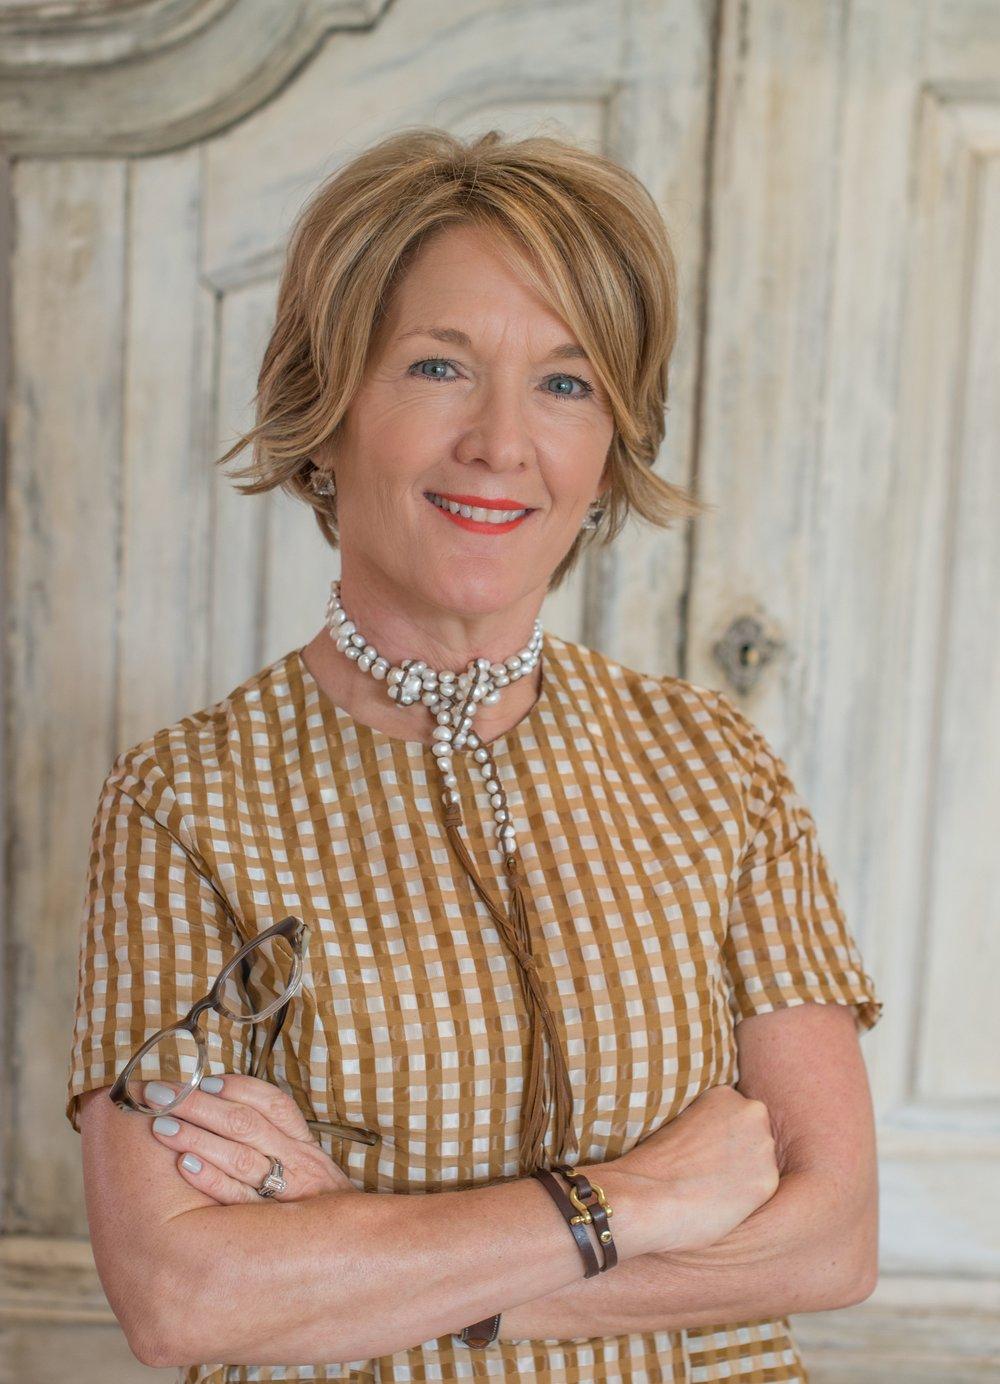 Lisa Luby Ryan - Owner